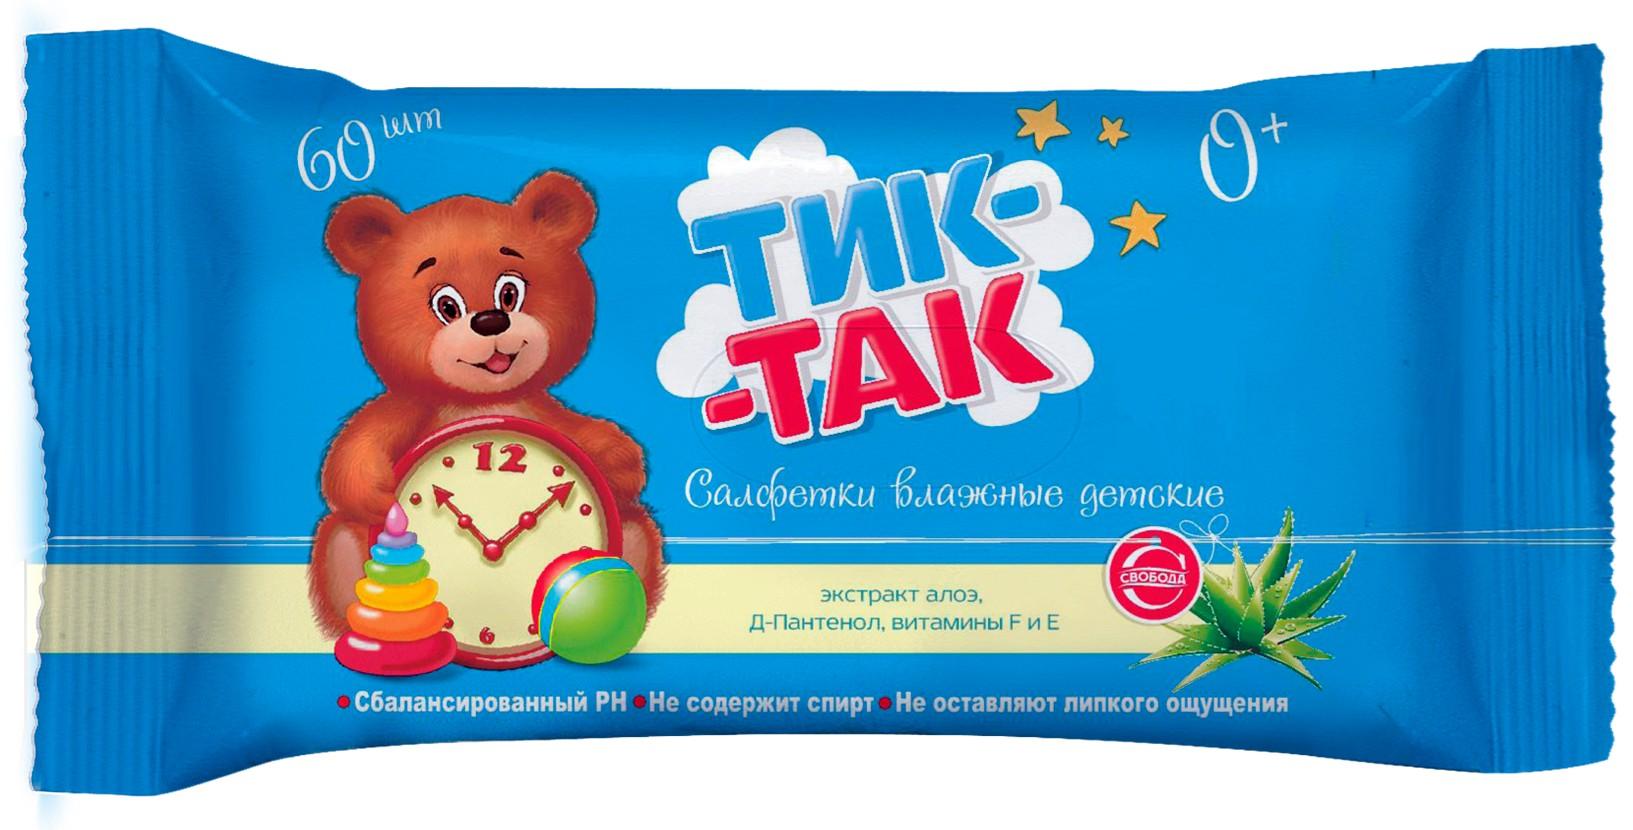 Купить Салфетки влажные детские ТИК-ТАК с экстрактом алоэ, Д-пантенолом, витаминами F и Е, 60шт, Свобода, Детские влажные салфетки